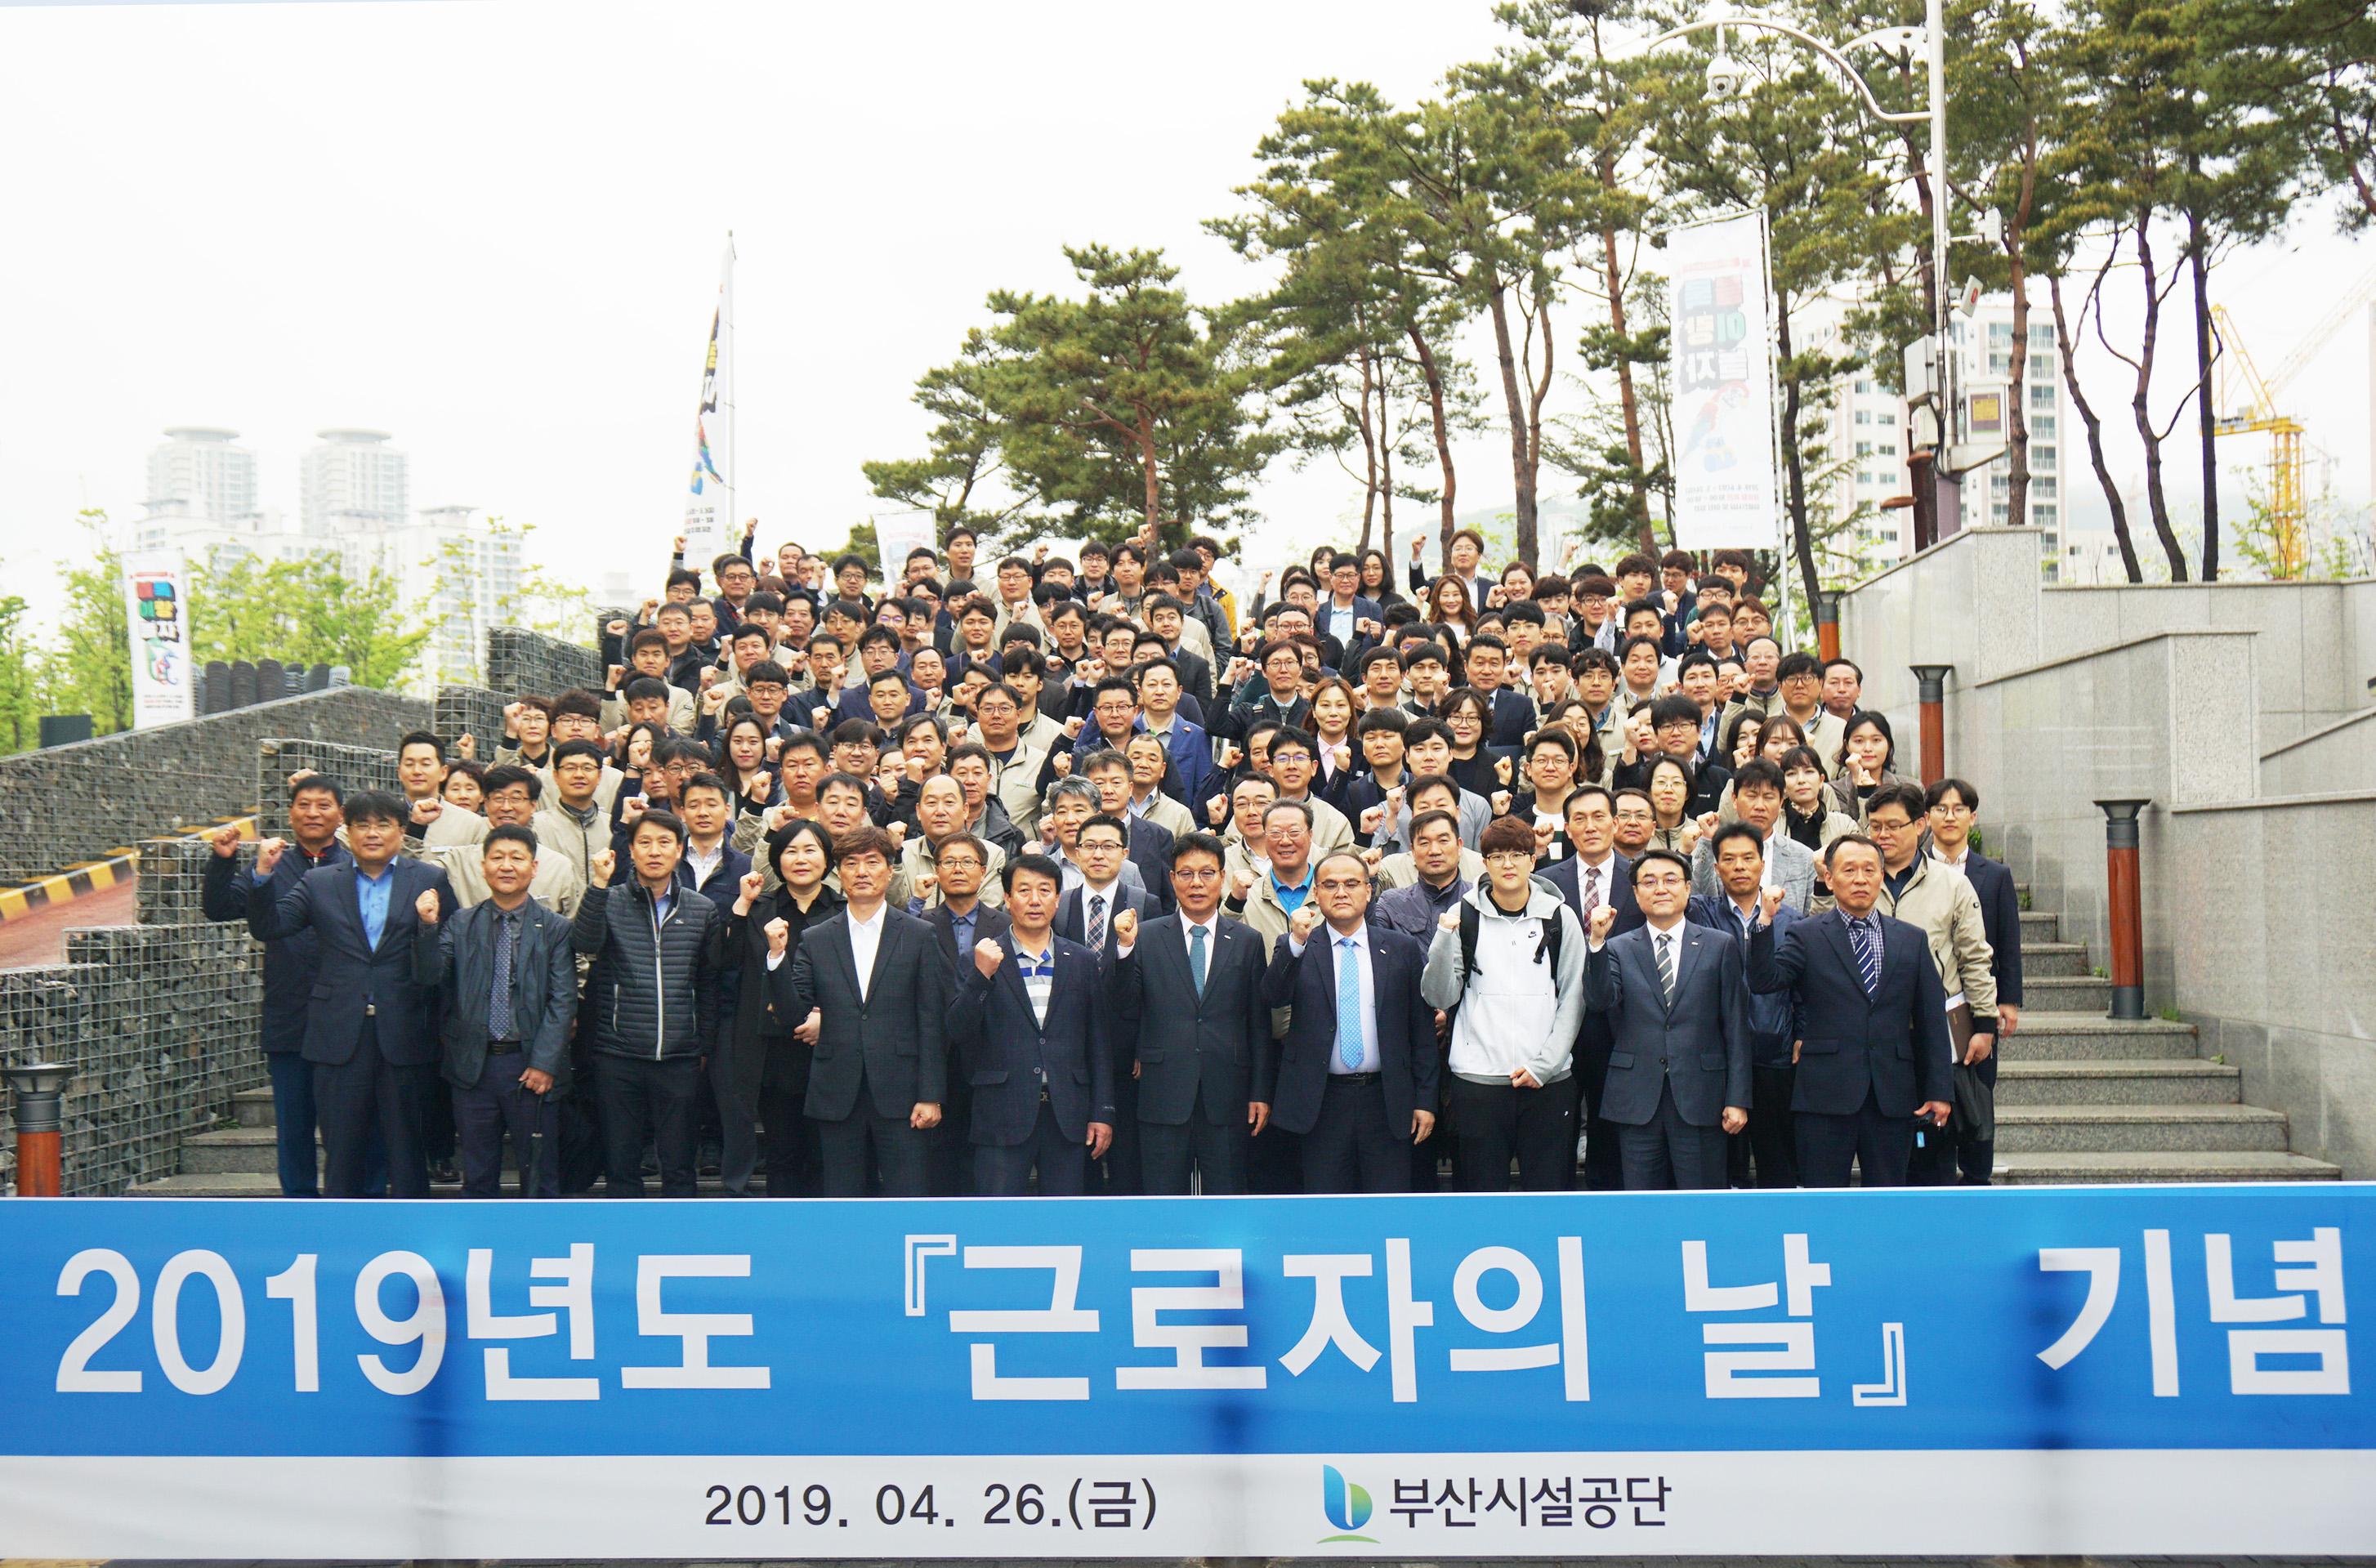 2019년도 근로자의 날 기념식 야외 단체사진